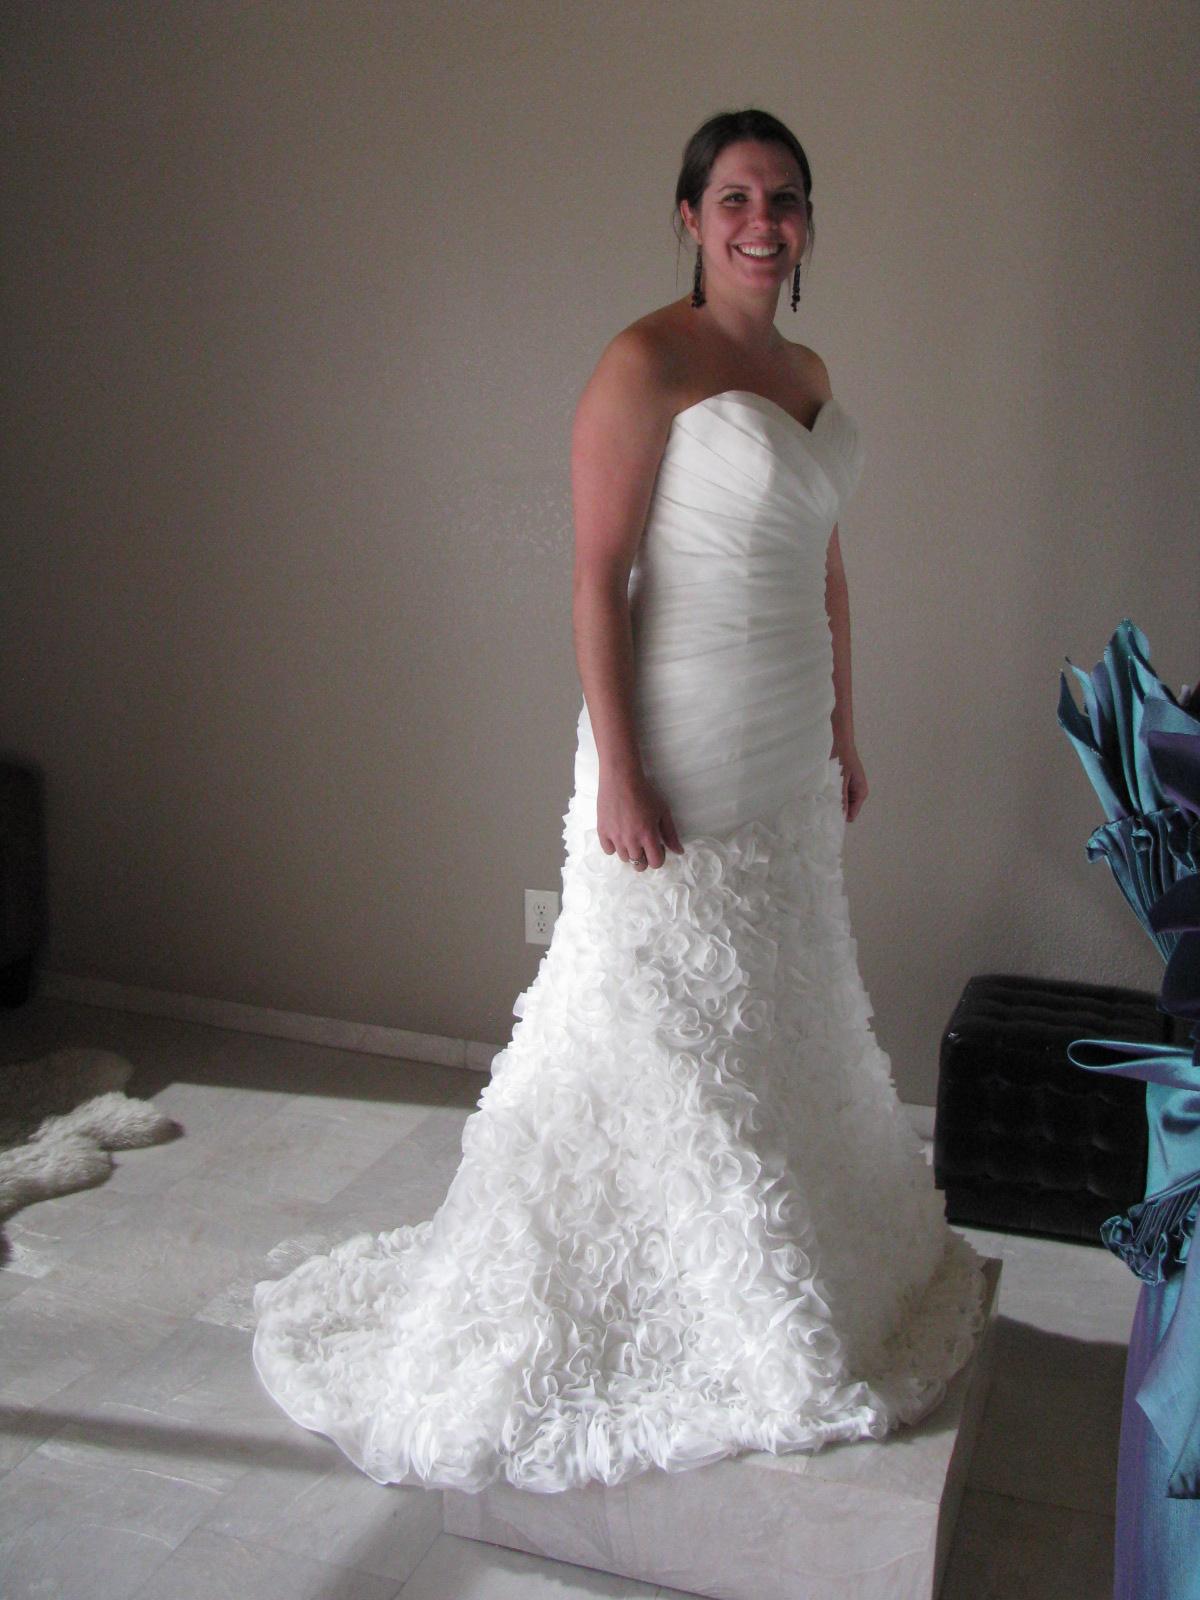 Big Boobs Wedding Dress Hot Girls Wallpaper